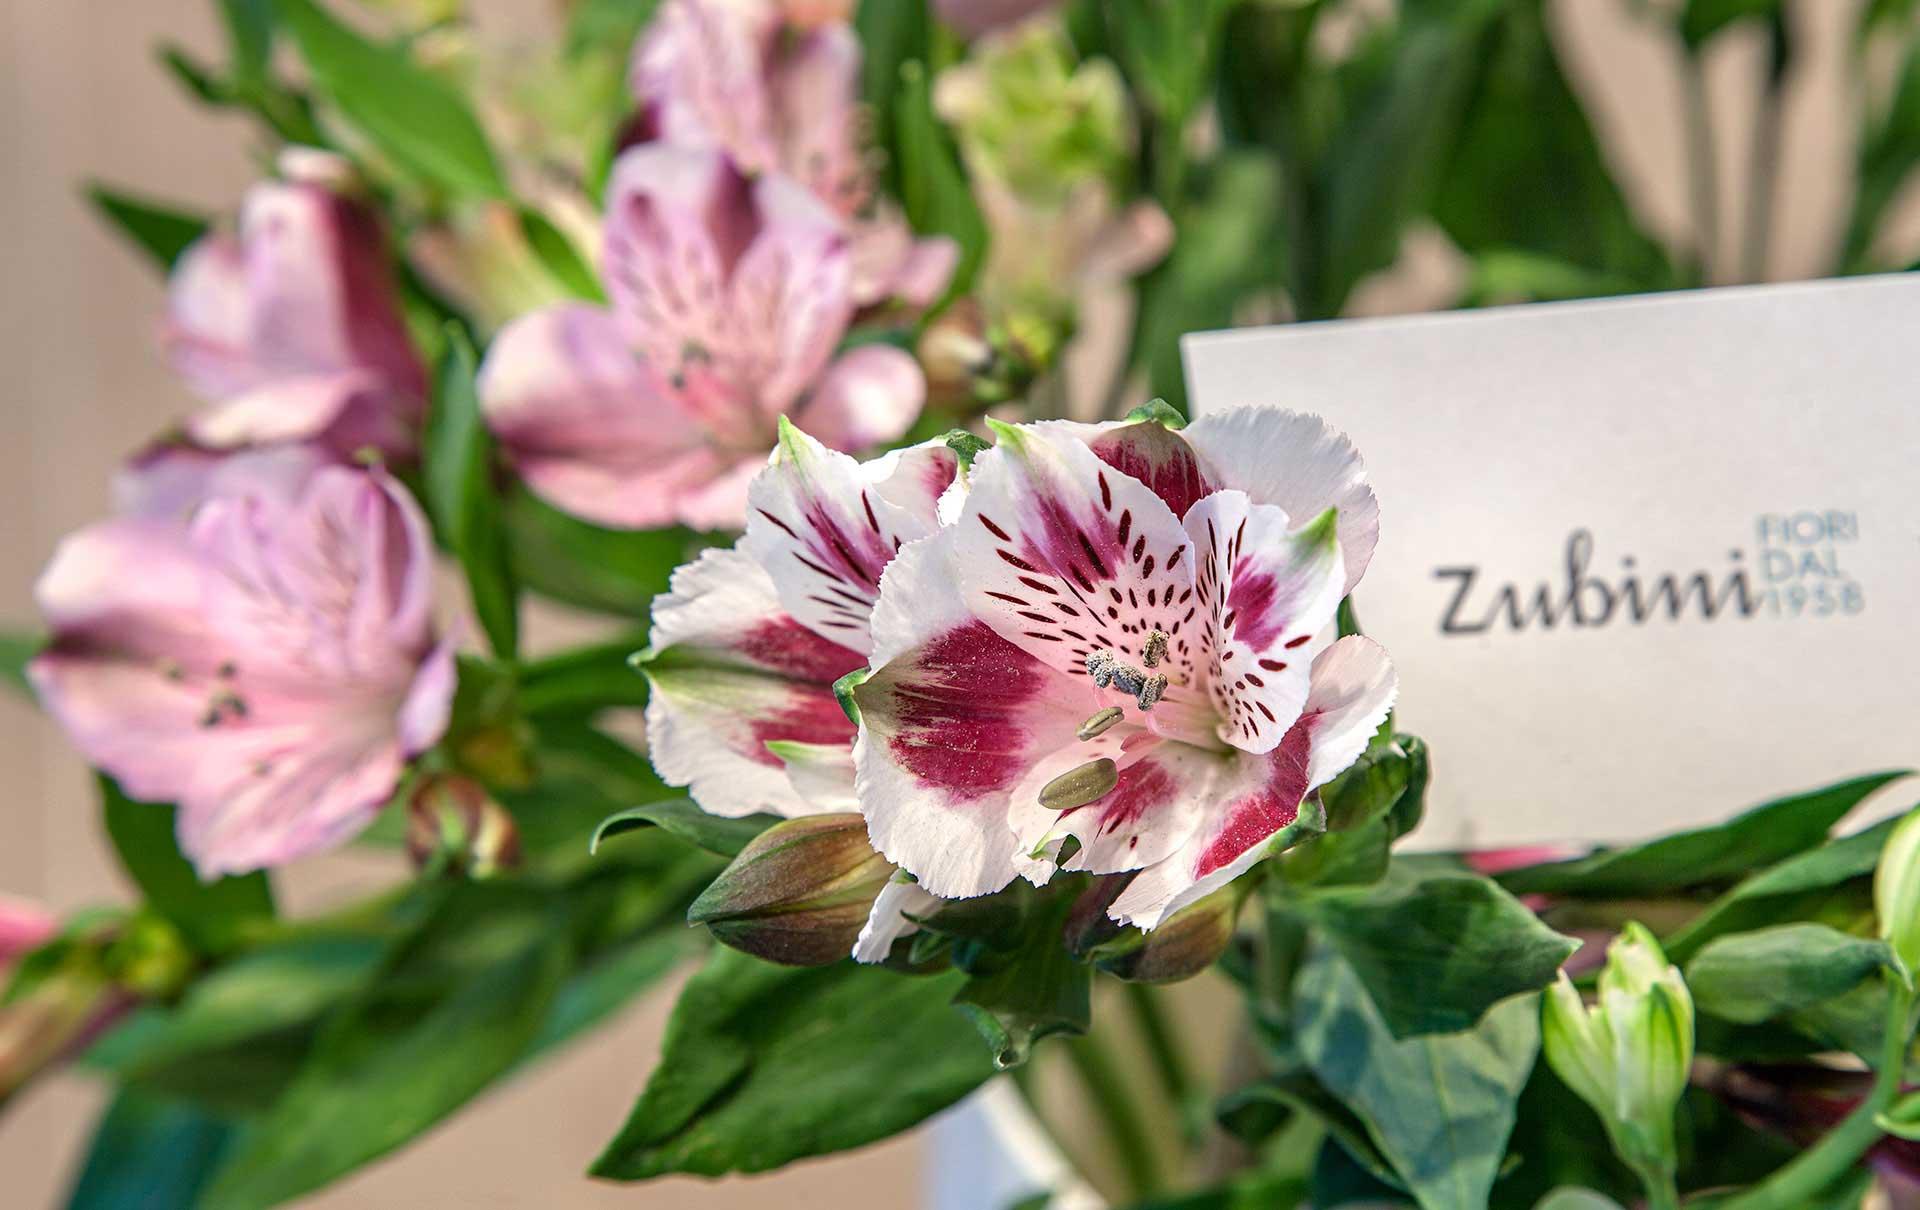 Fiori recisi zubini for I fiori della balsamina